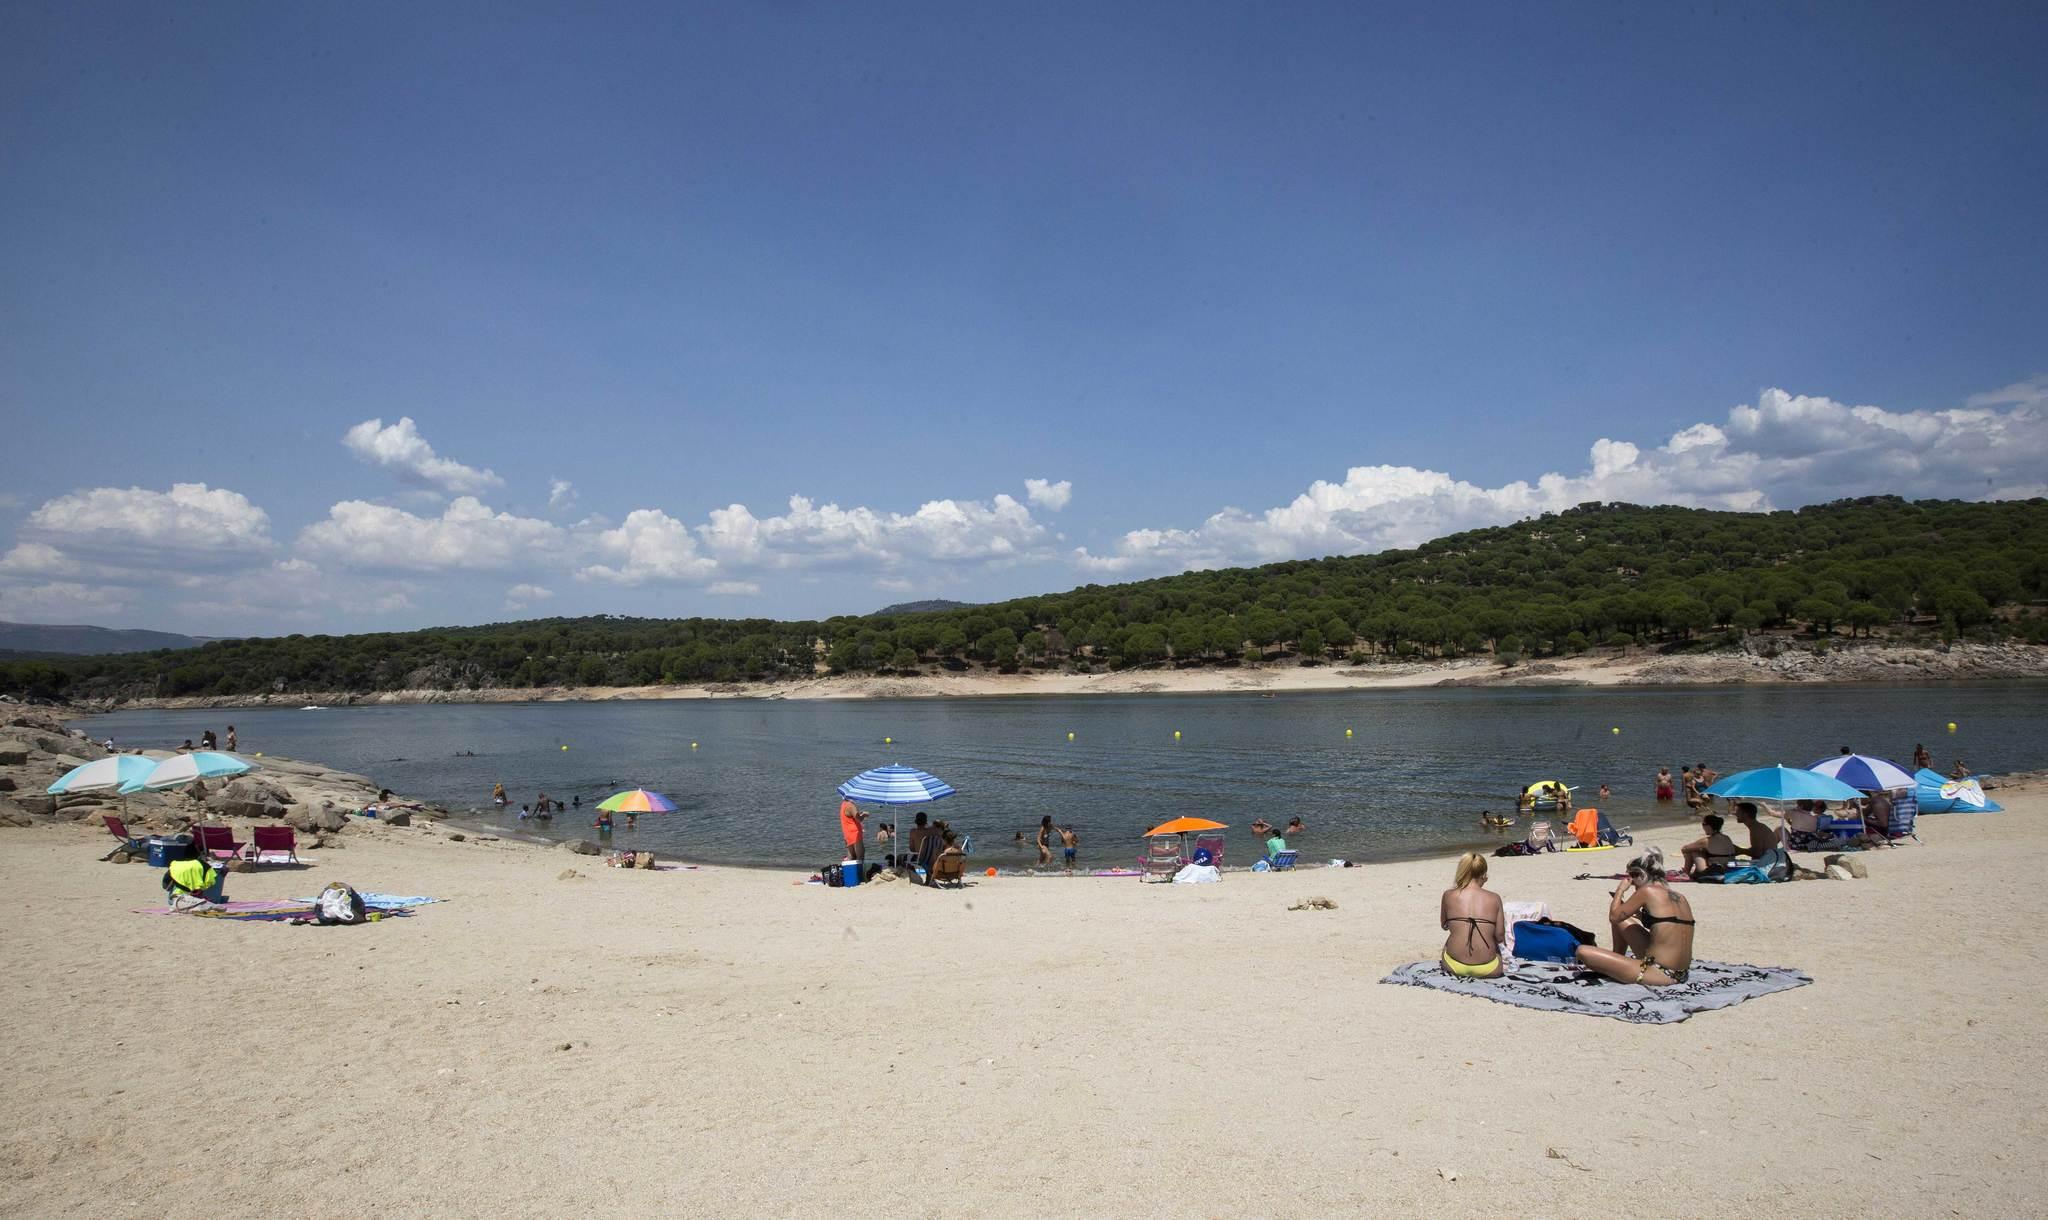 La playa de San Martín de Valdeiglesias